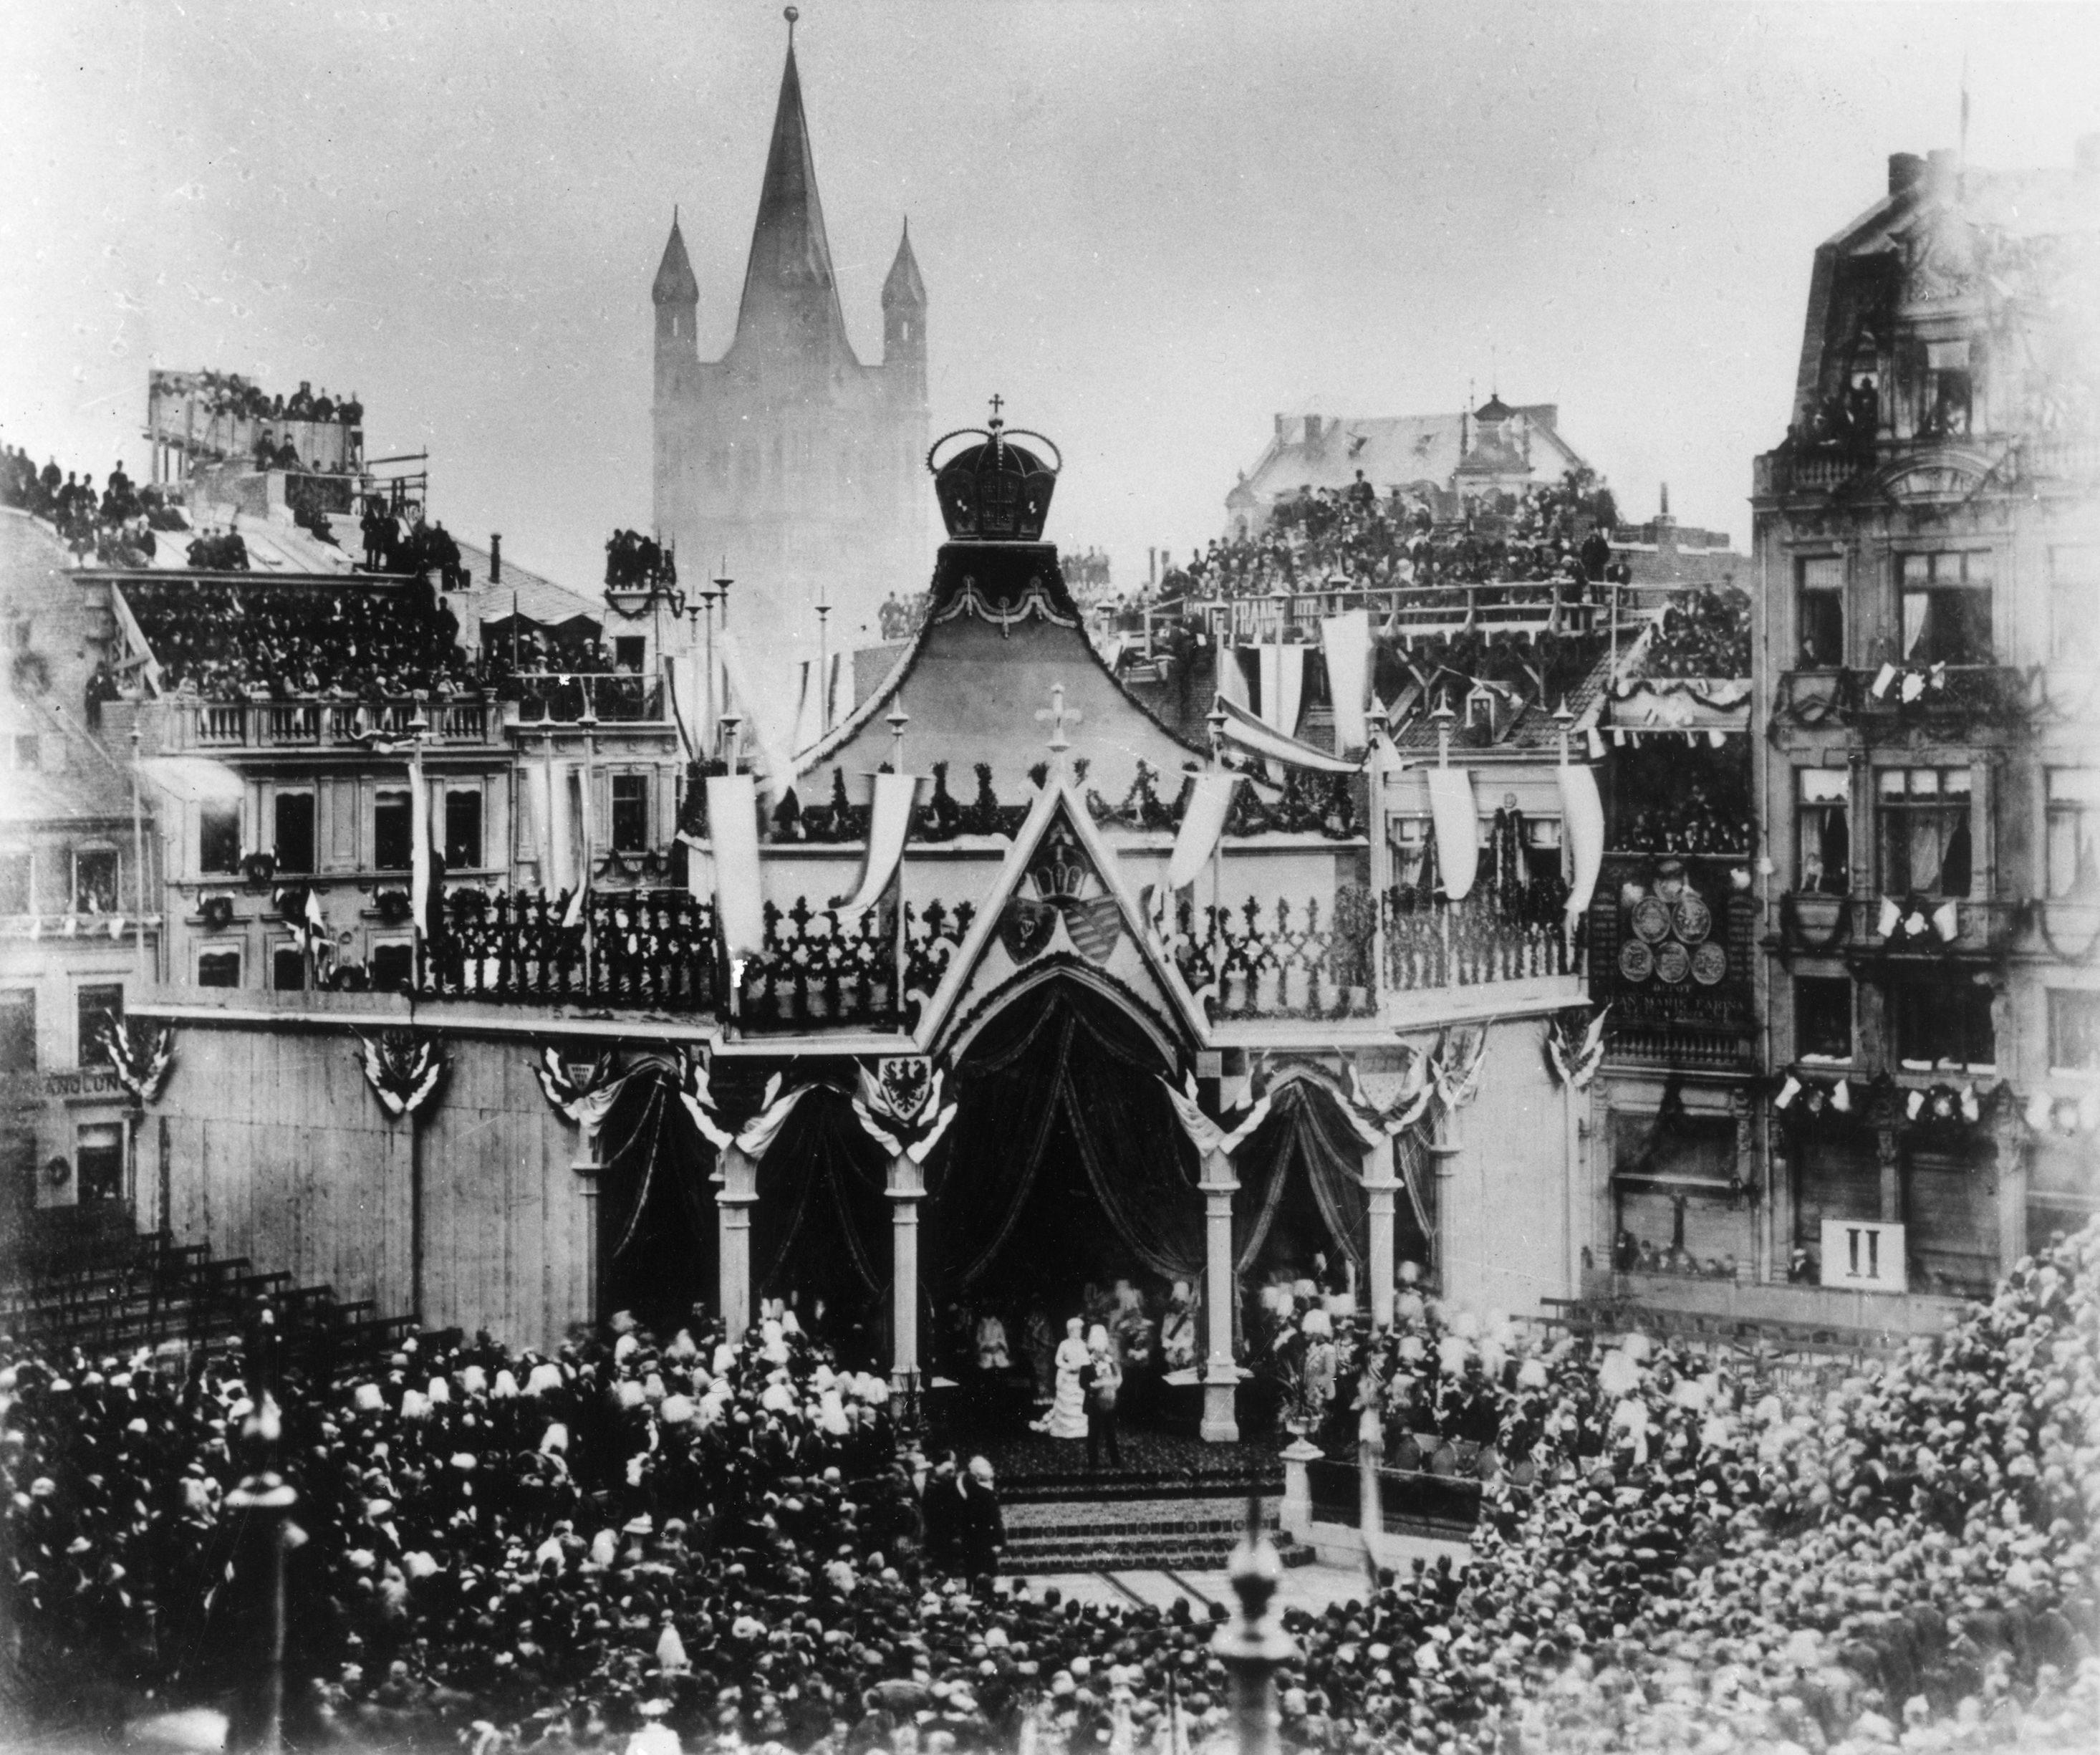 Einweihung Schlusssteinlegung Des Kolner Doms Am 18 Oktober 1880 In Anwesenheit Von Kaiser Wilhelm I Und Kaiserin Augusta Sbb Aktuell